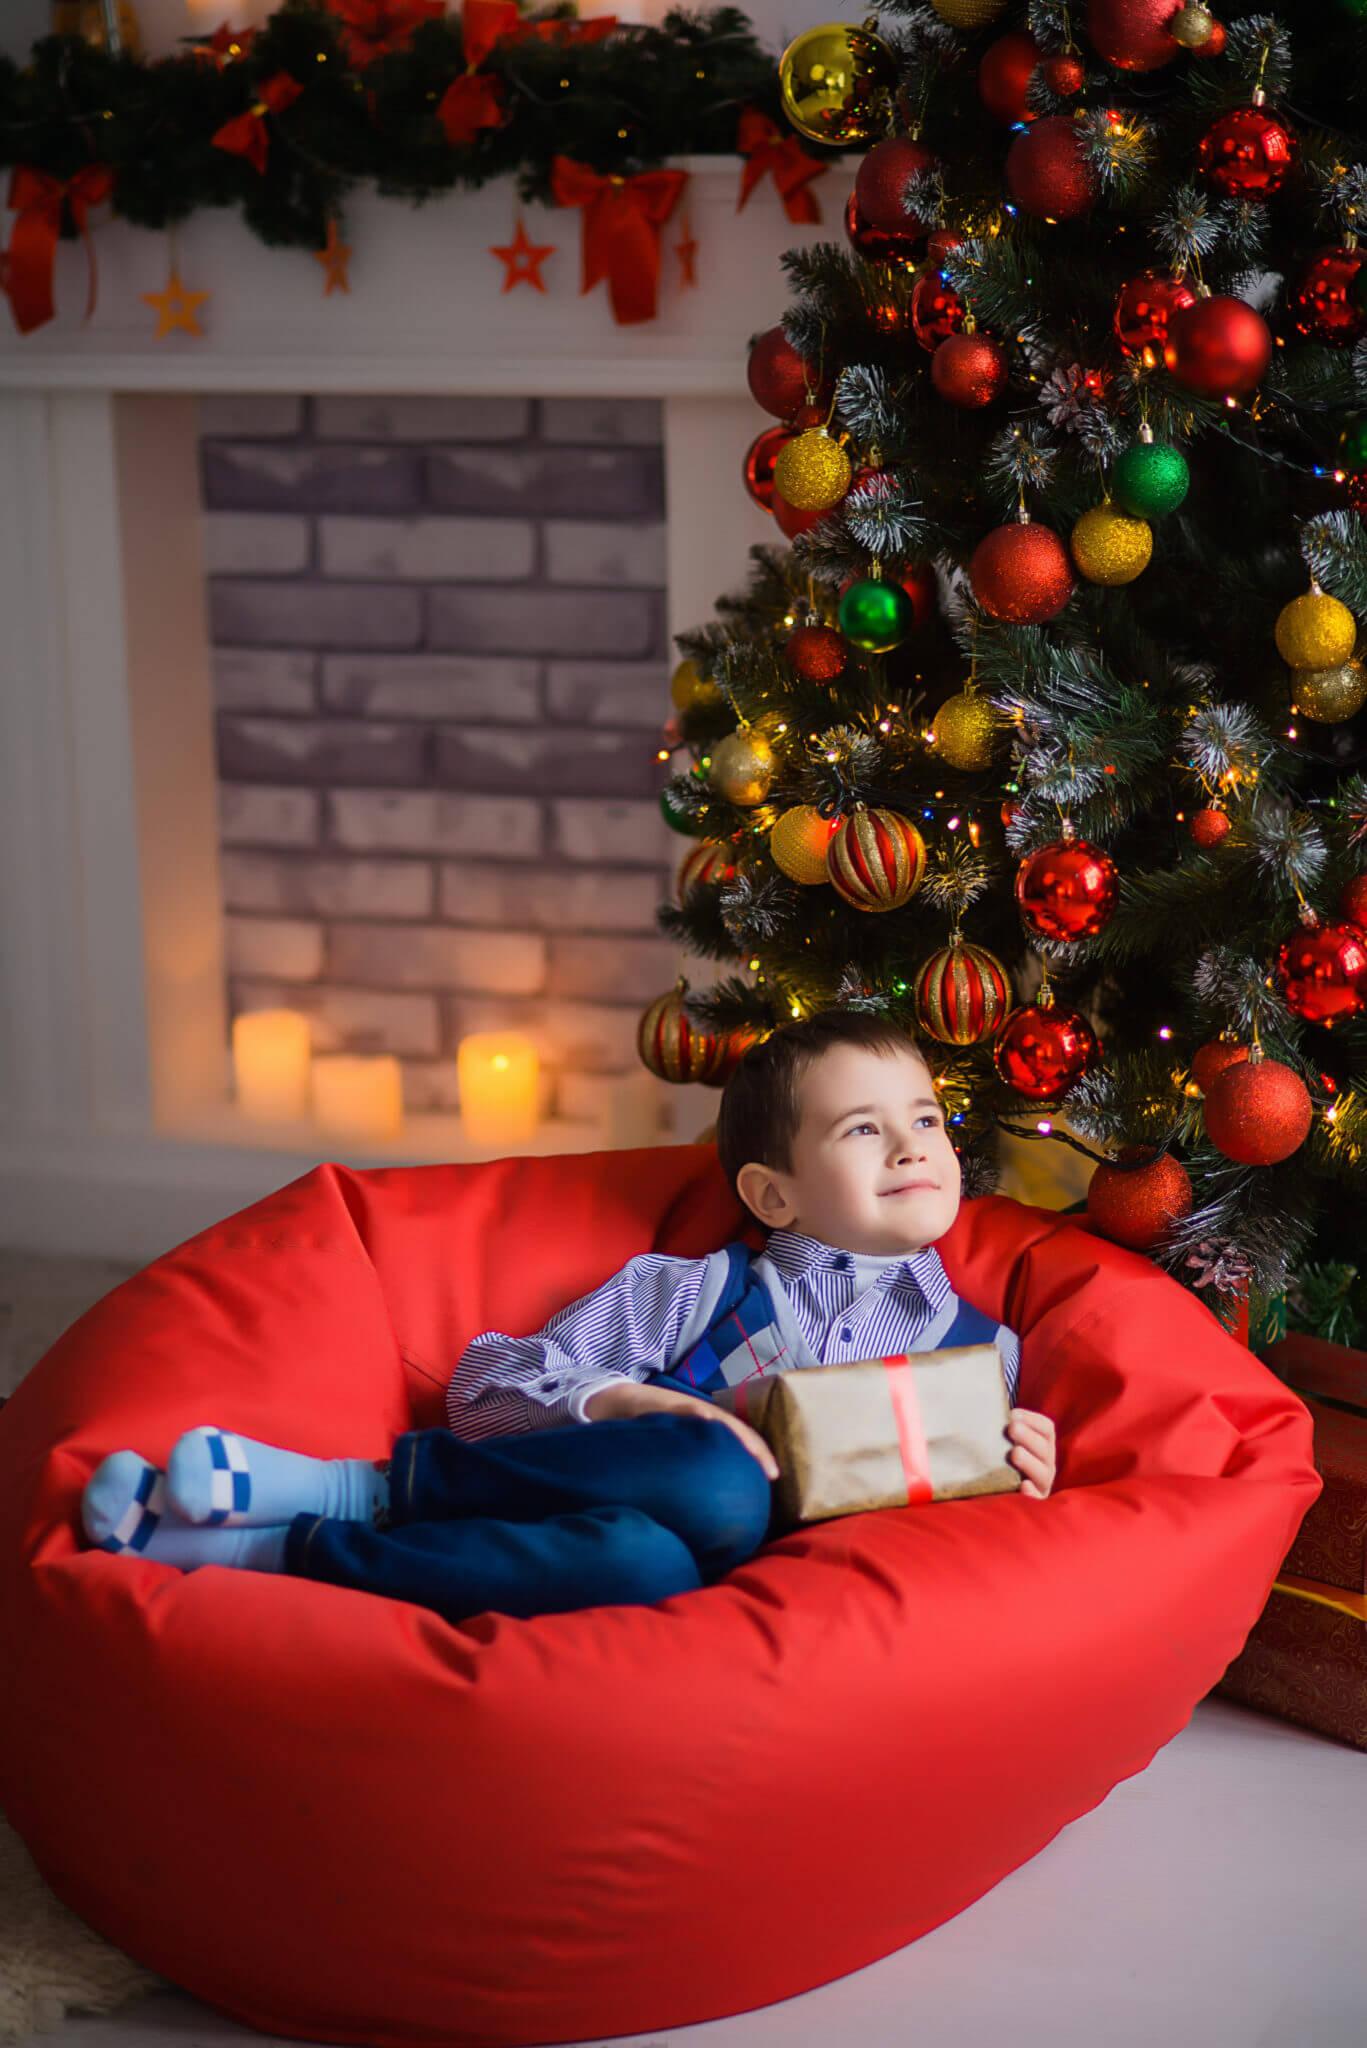 Новогодняя фотосессия, ребенок с подарком в руках лежит на красной подушке под новогодней елкой